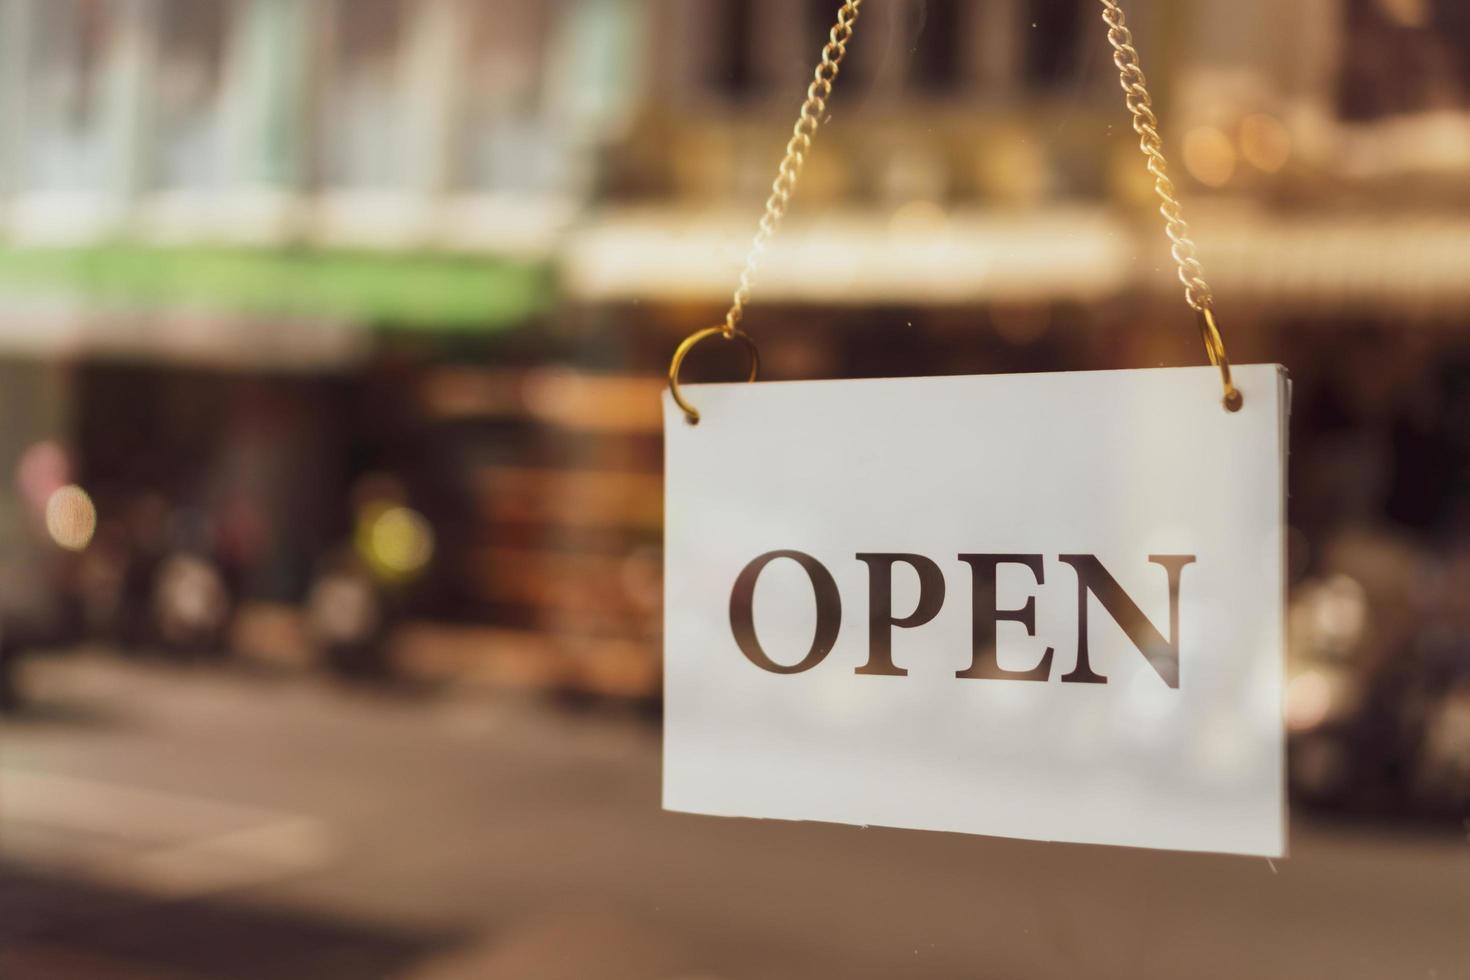 ett affärsskylt som säger öppen hängande på dörren vid ingången foto